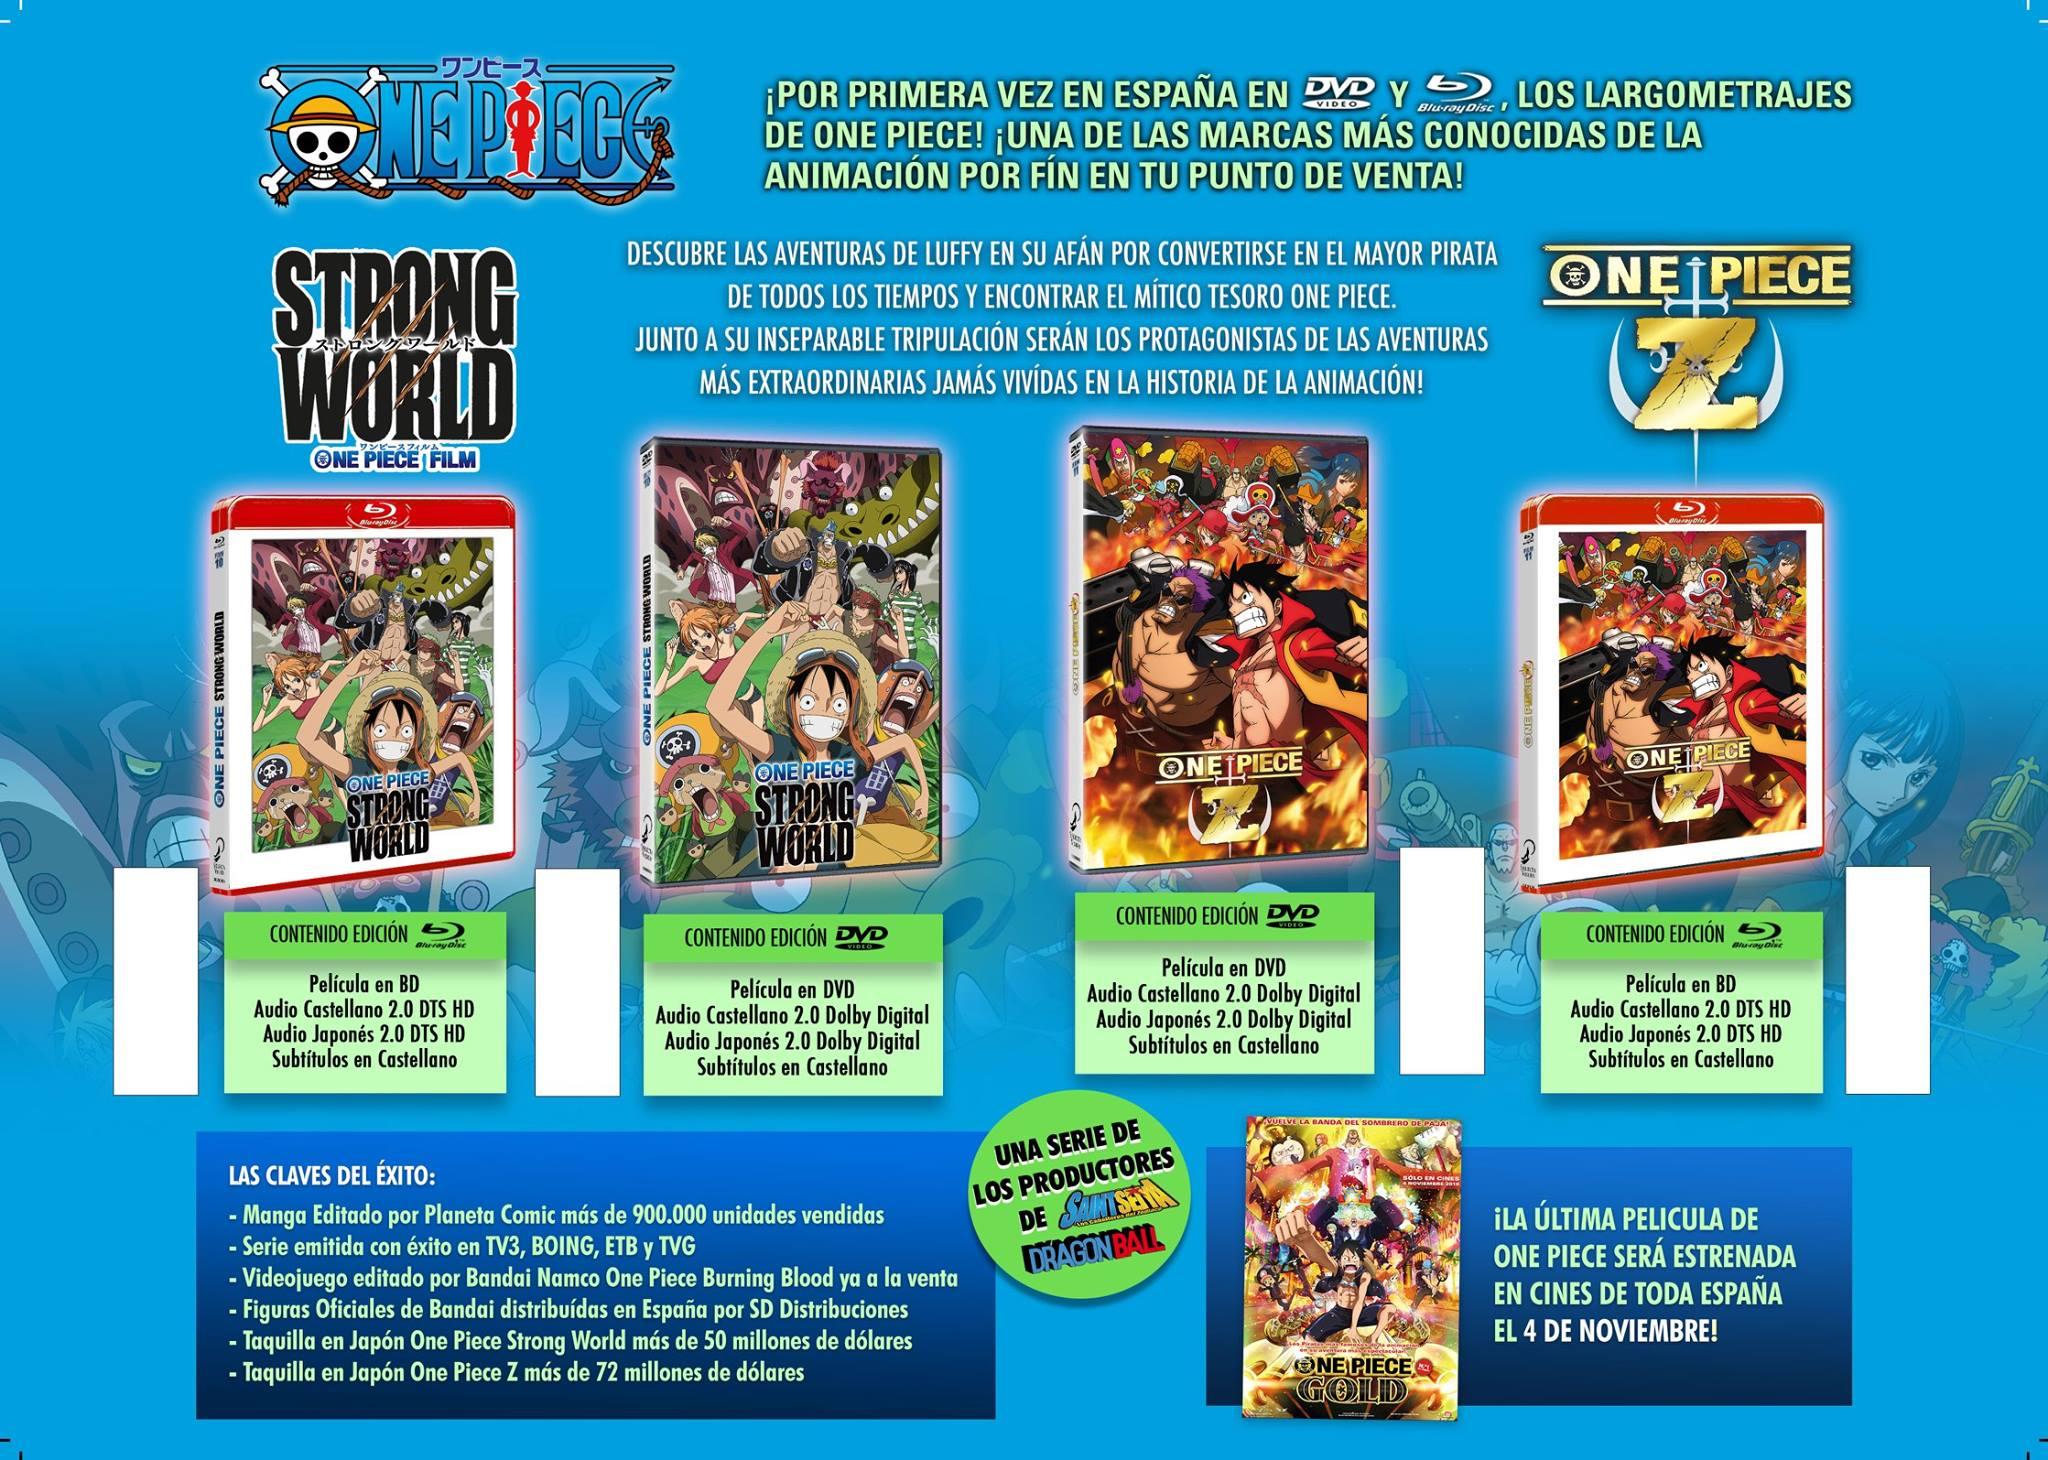 One Piece Blu-ray